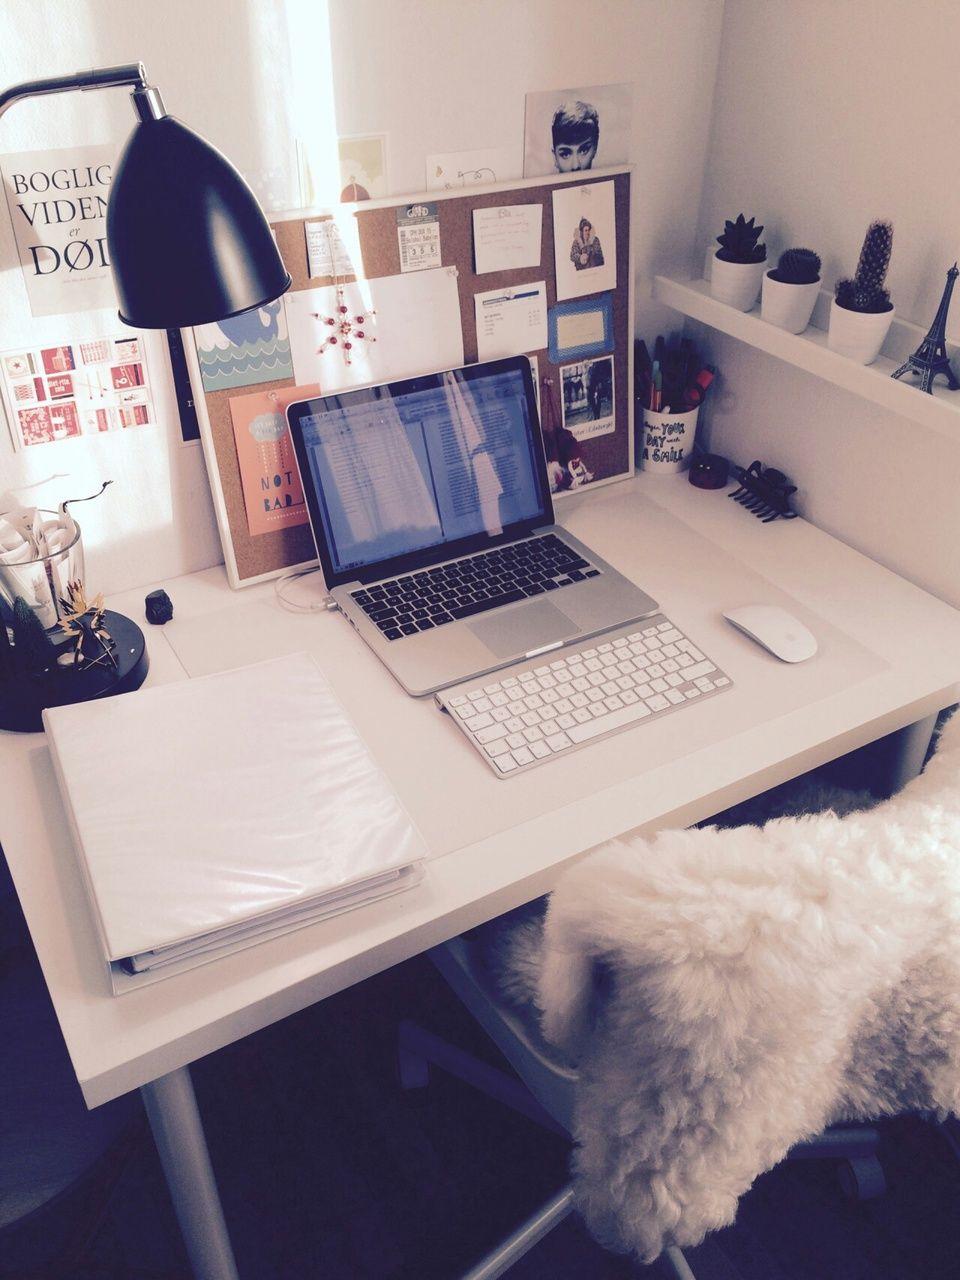 Brilliant Coole Schreibtische Das Beste Von 27 Diy Cool Cork Board Ideas, Instalation